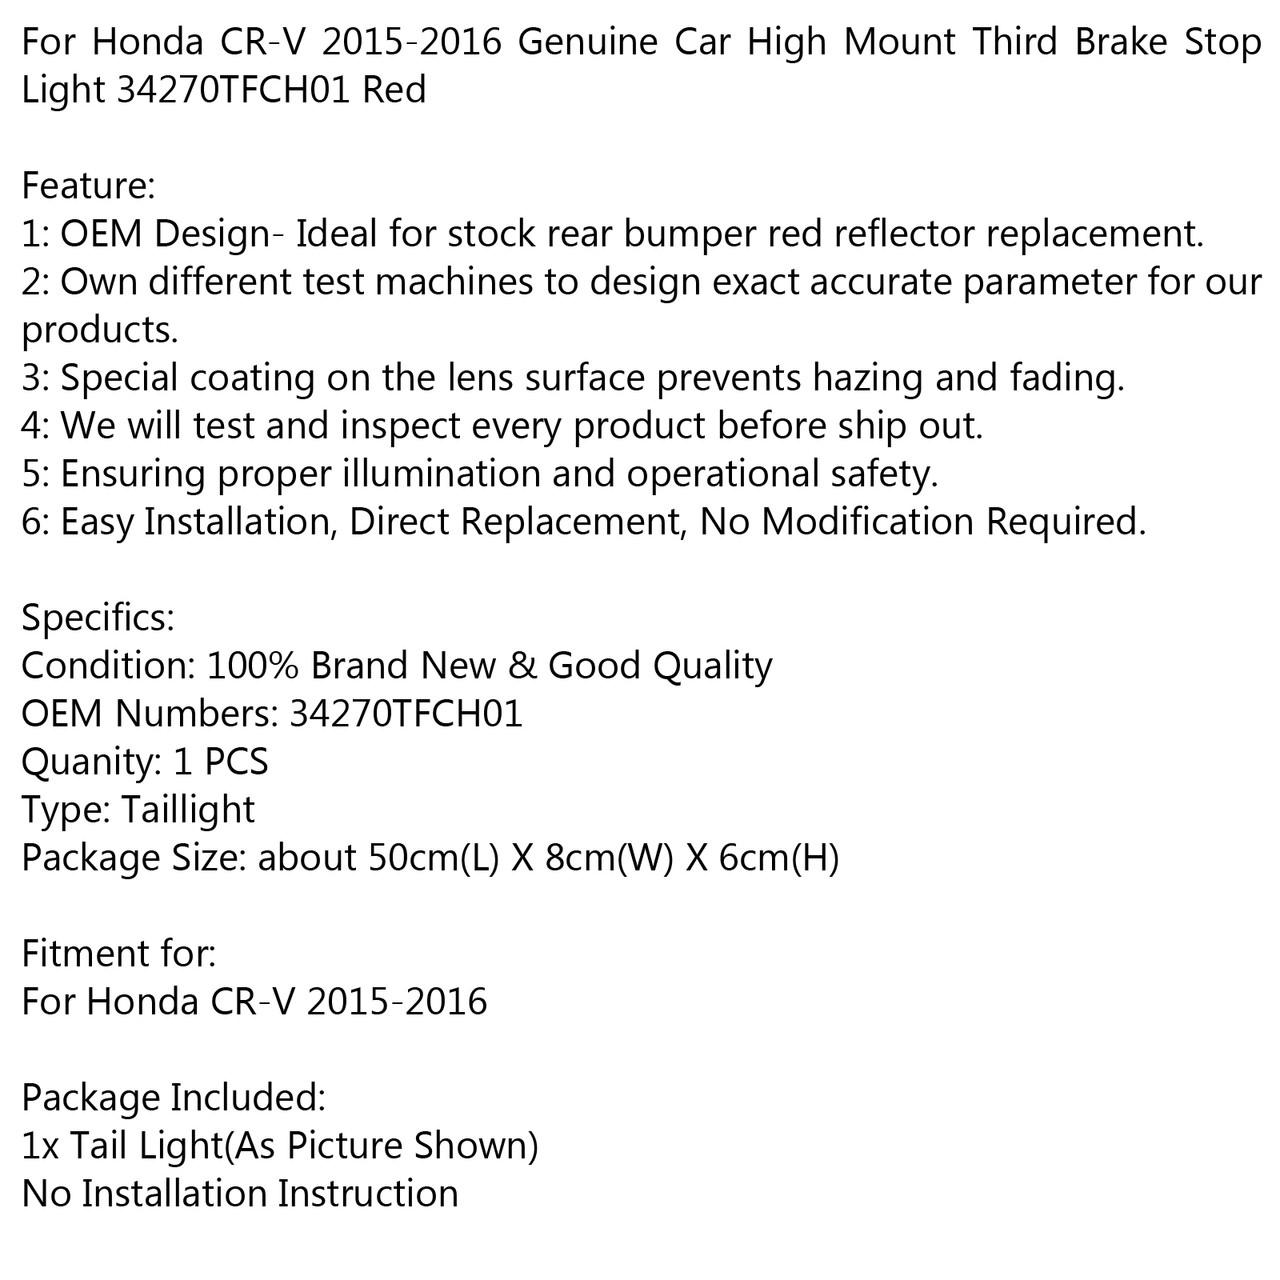 Genuine Car High Mount 3RD Brake Stop Light 34270TFCH01 For Honda CR-V 2015-2016 RED